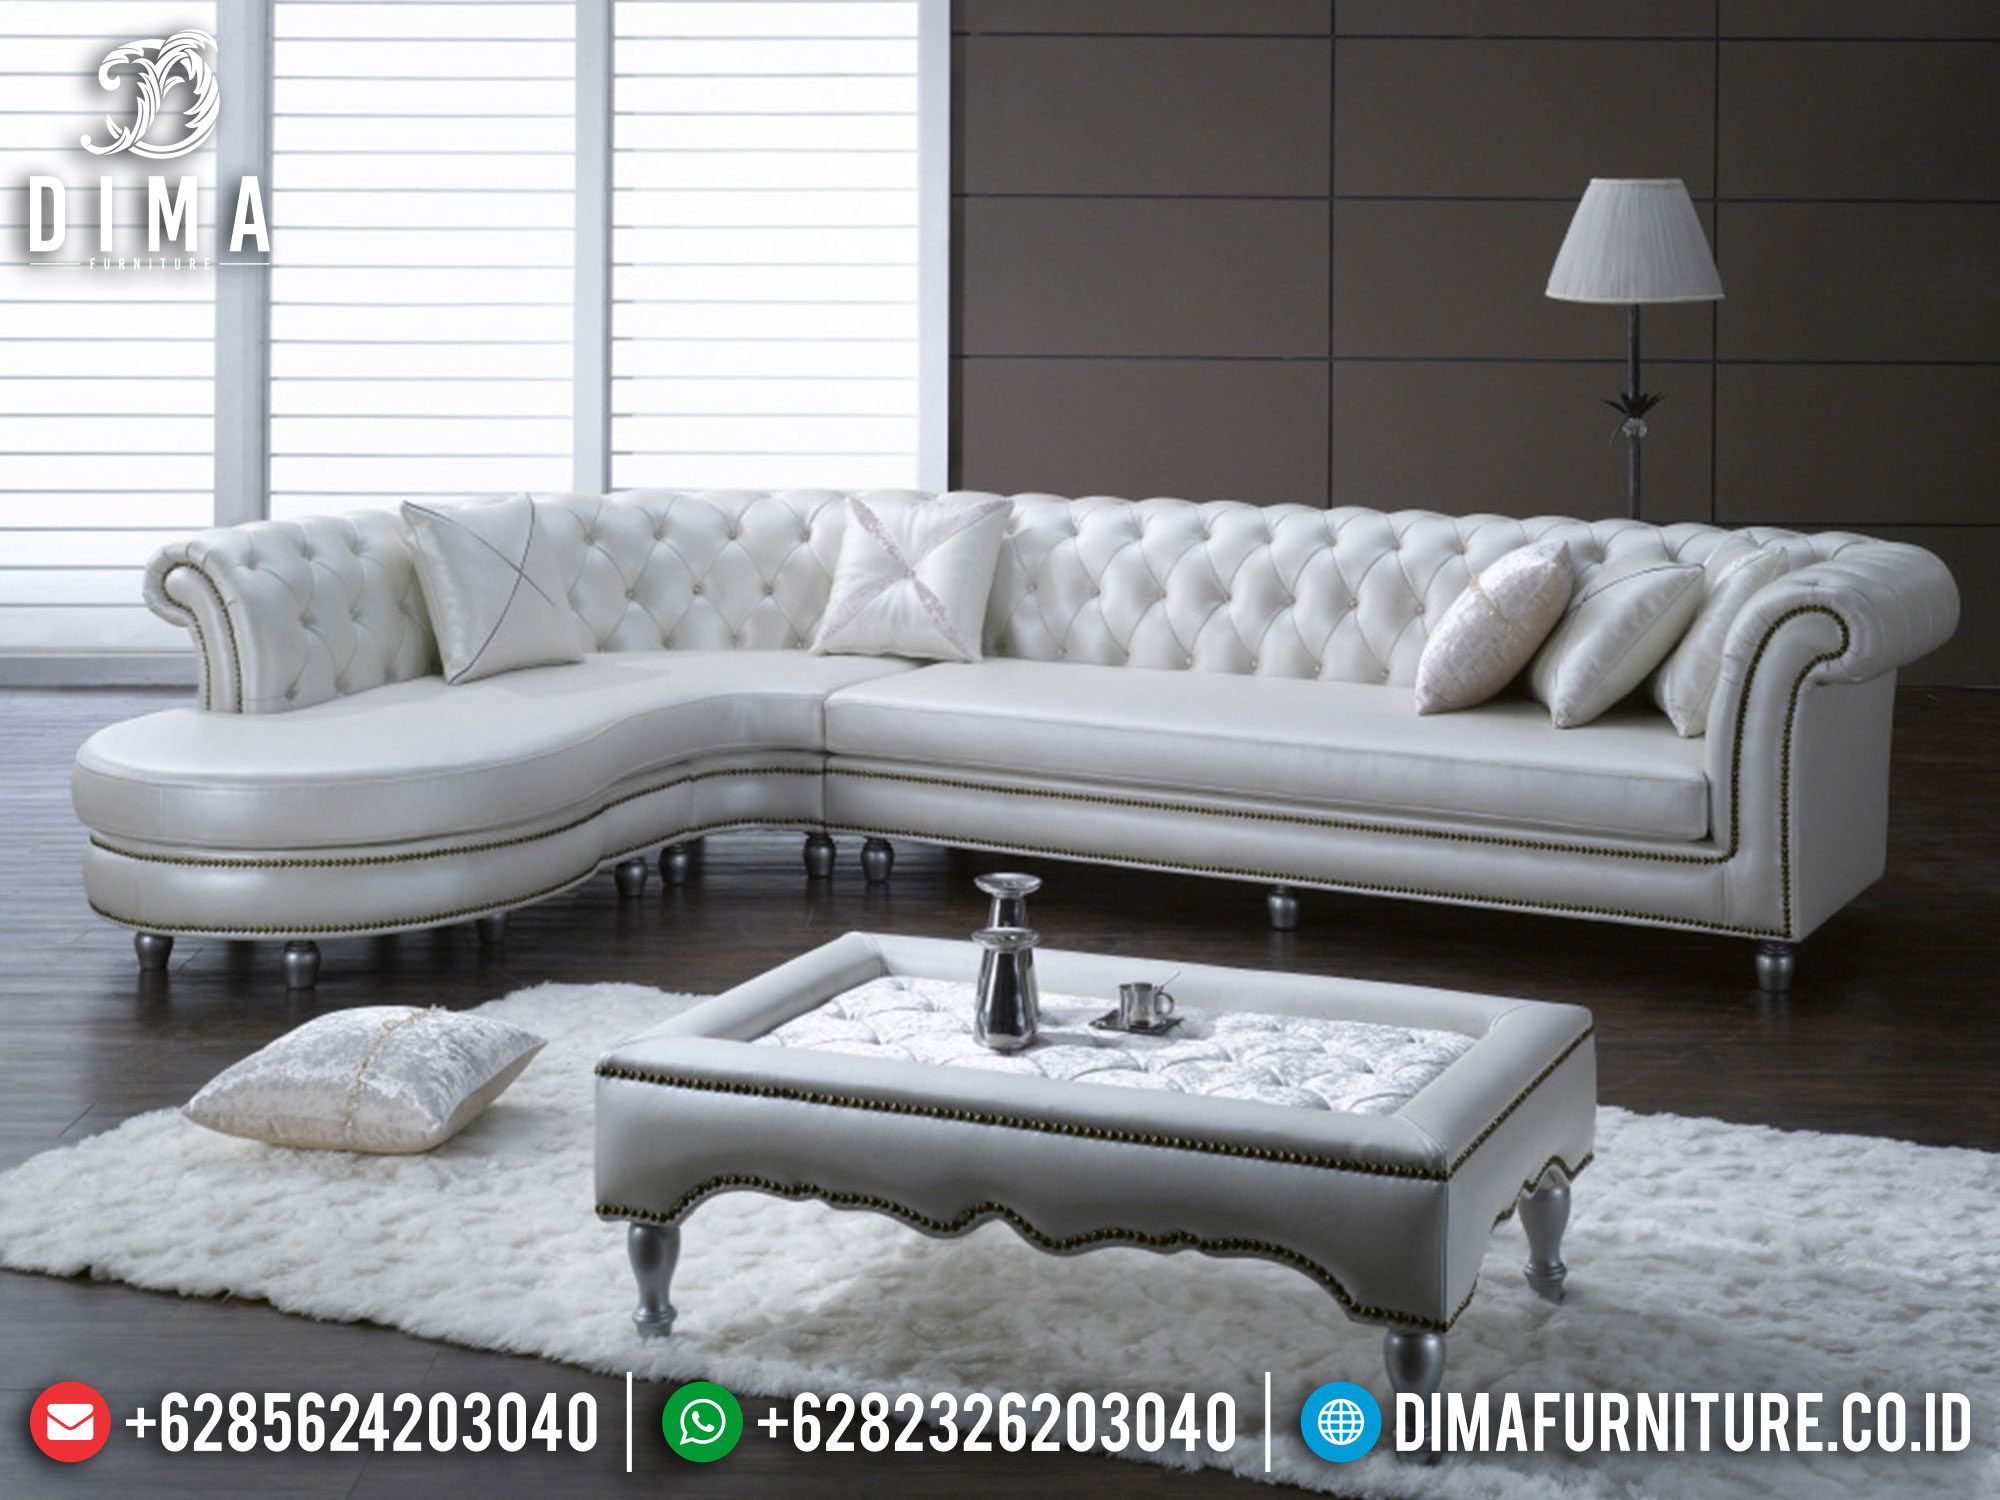 Furniture Jepara Sofa Tamu Minimalis Jepara Luxury Simple Model Terbaru Mm-0886